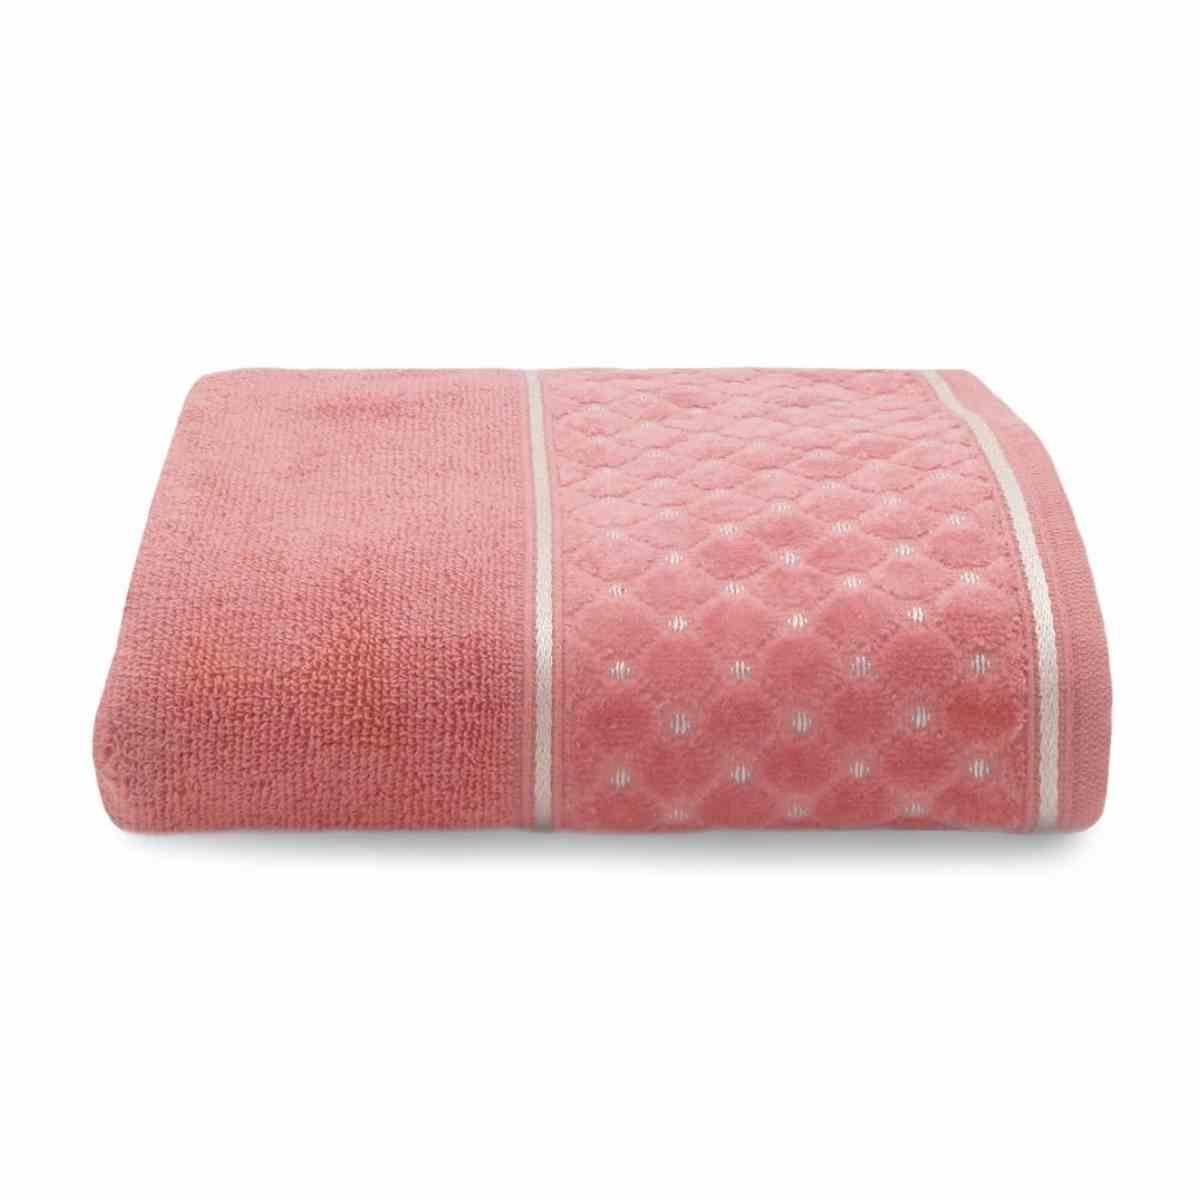 Toalha rosto safira 50x75 Blush